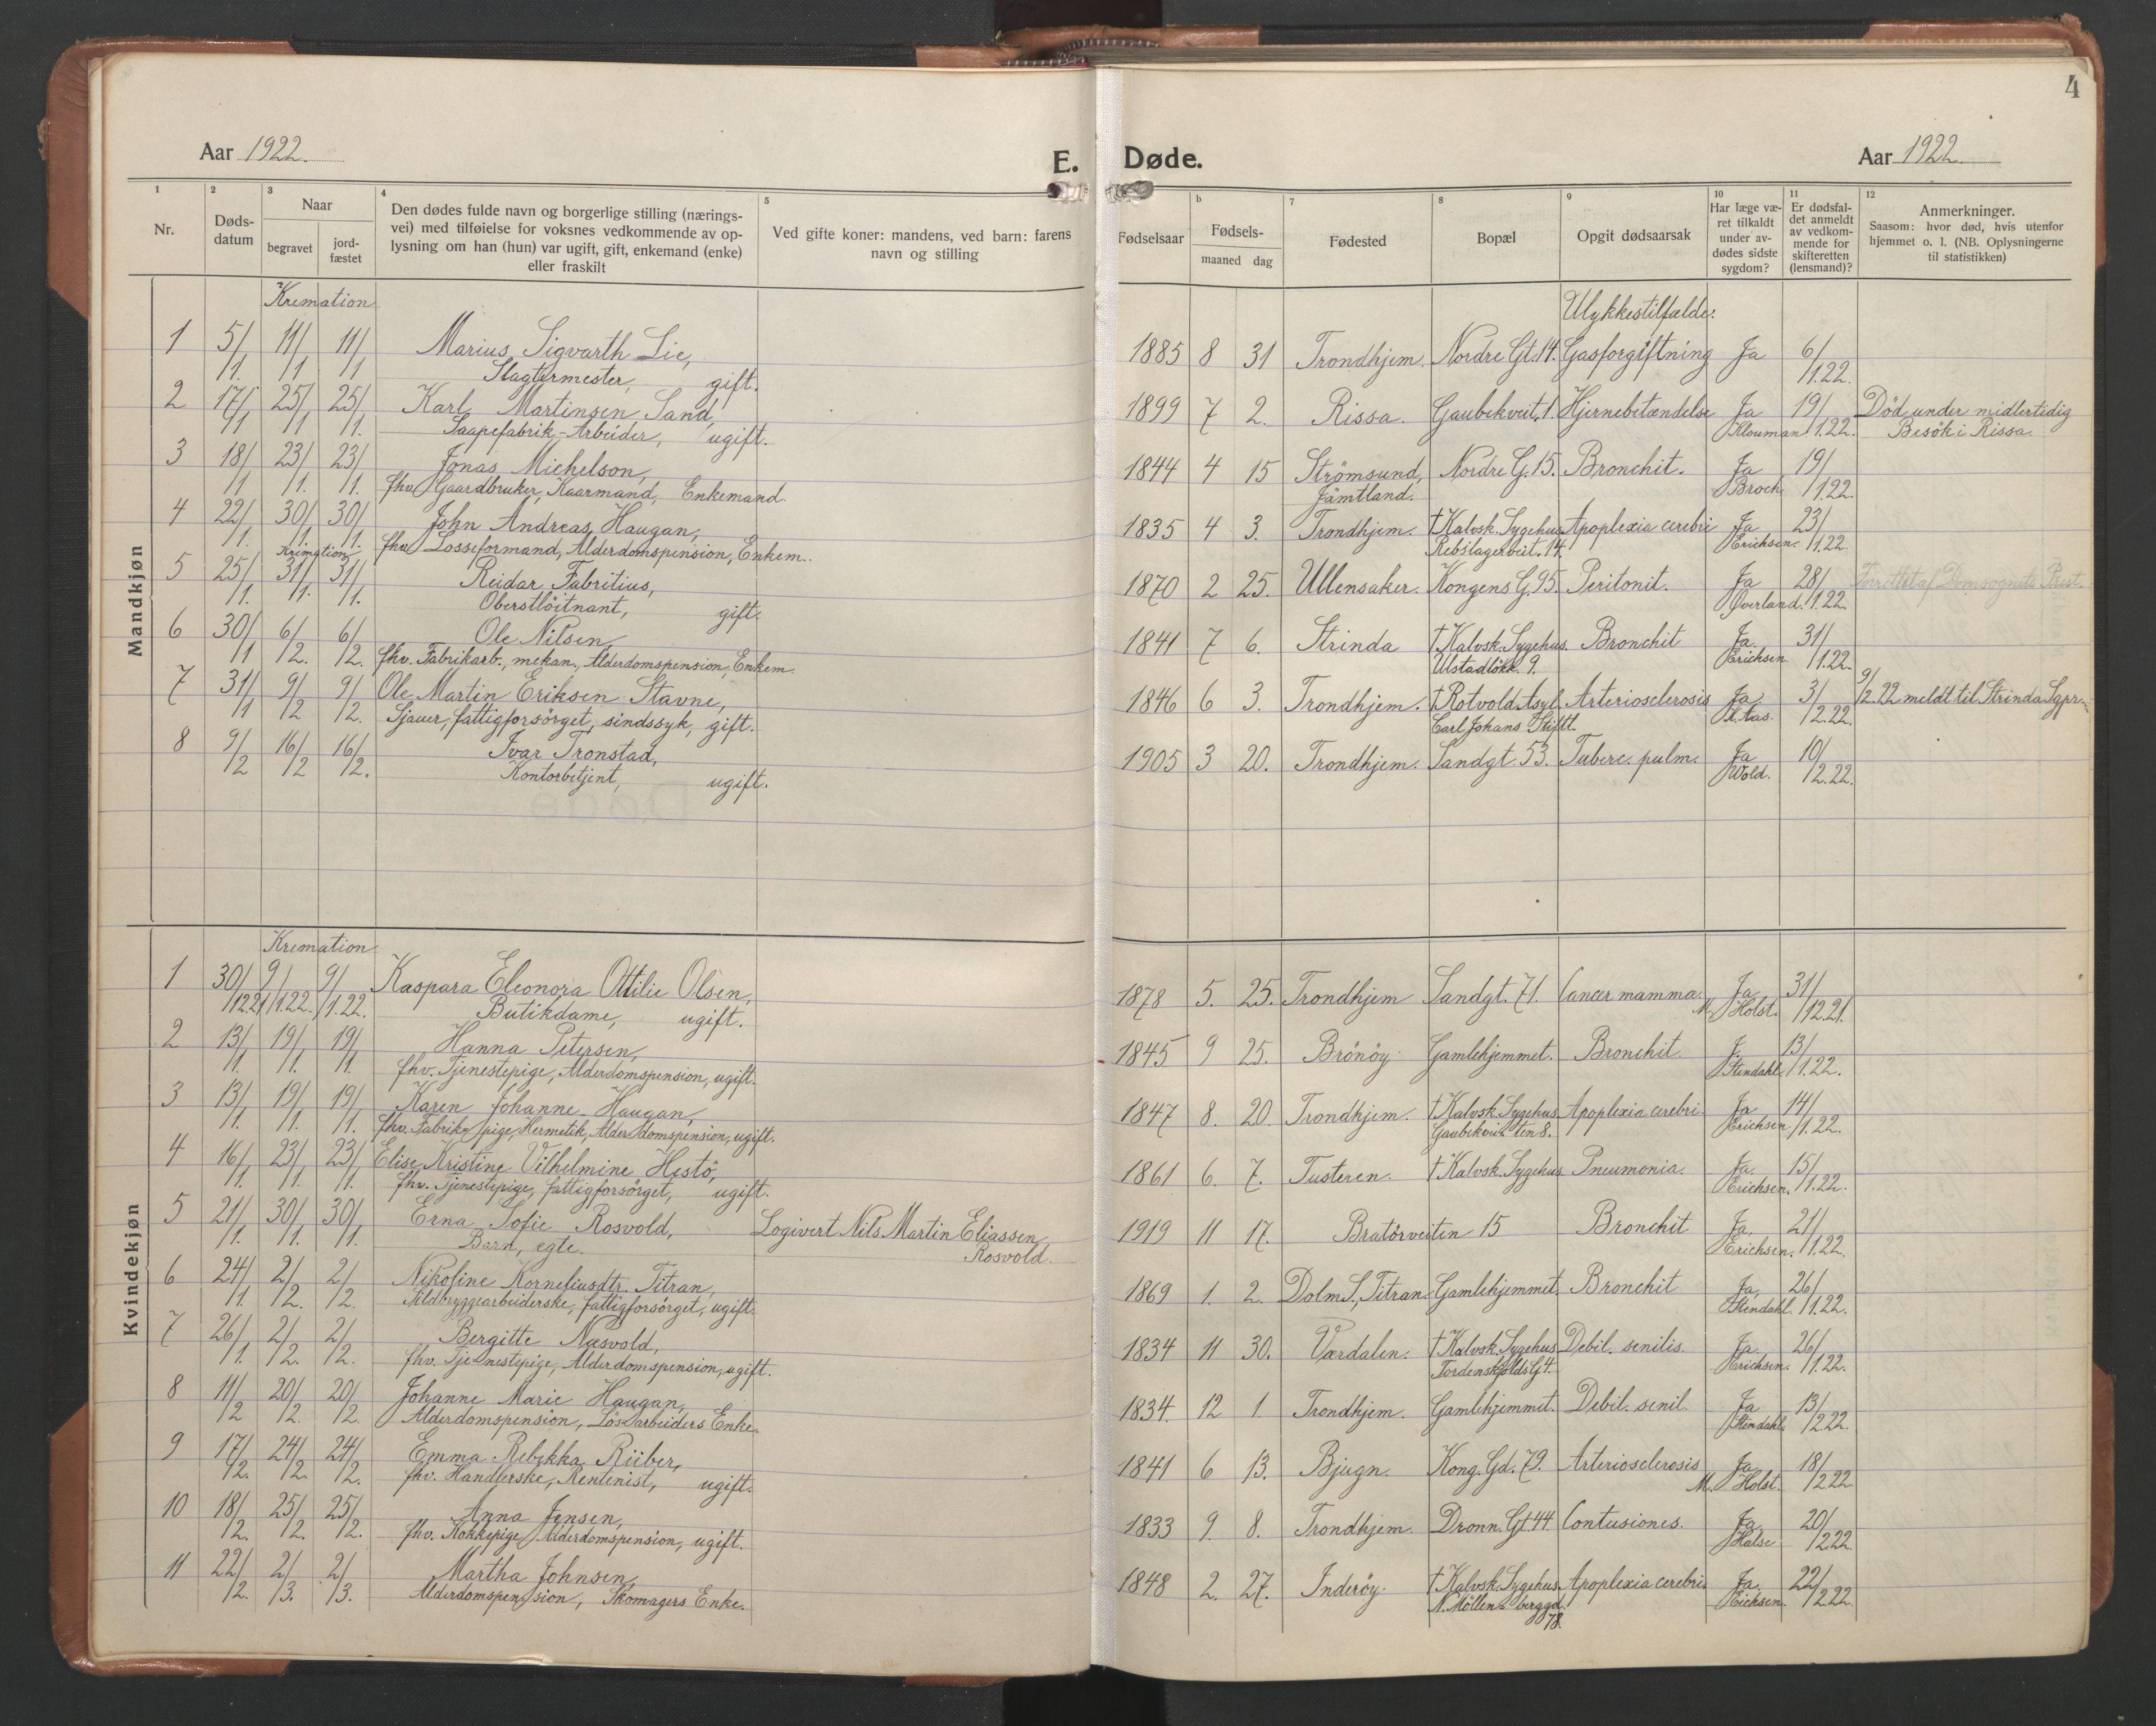 SAT, Ministerialprotokoller, klokkerbøker og fødselsregistre - Sør-Trøndelag, 602/L0150: Klokkerbok nr. 602C18, 1922-1949, s. 4